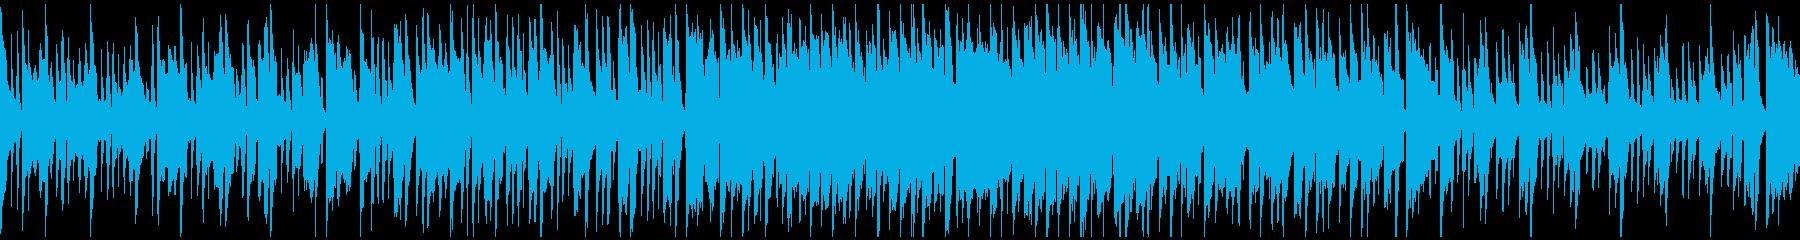 ゆるい休日、ほのぼのリコーダー※ループ版の再生済みの波形